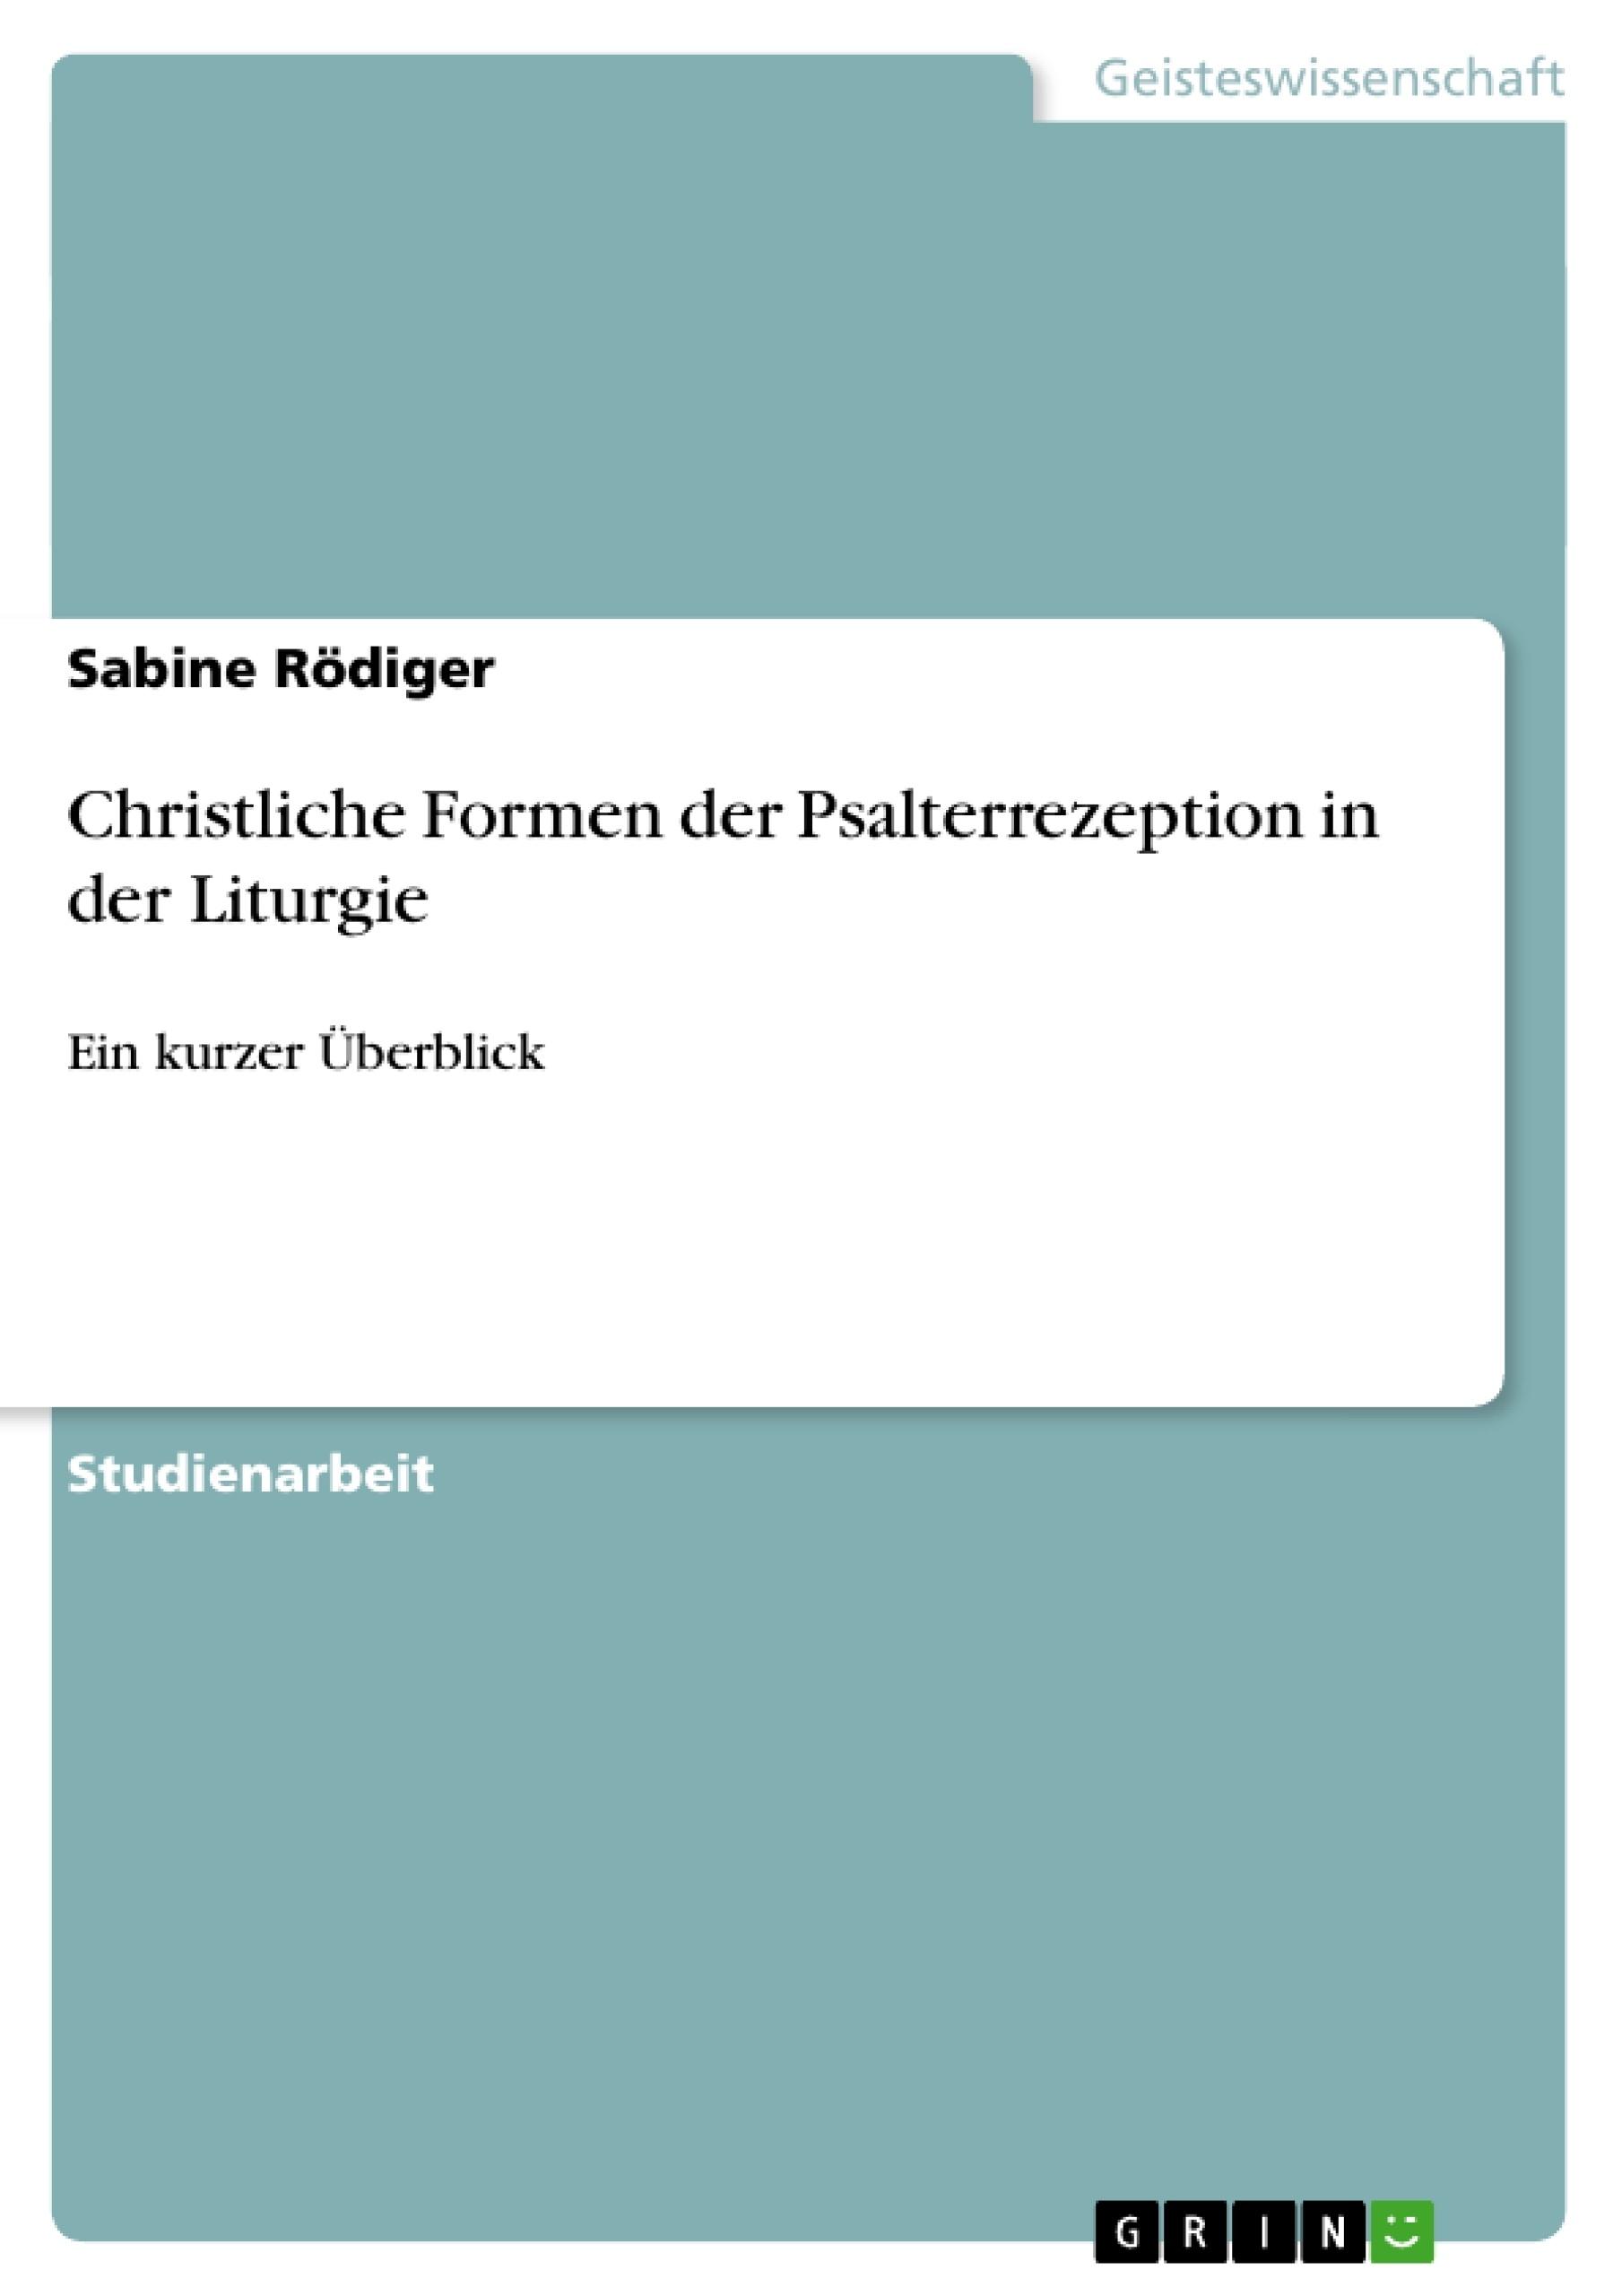 Titel: Christliche Formen der Psalterrezeption in der Liturgie